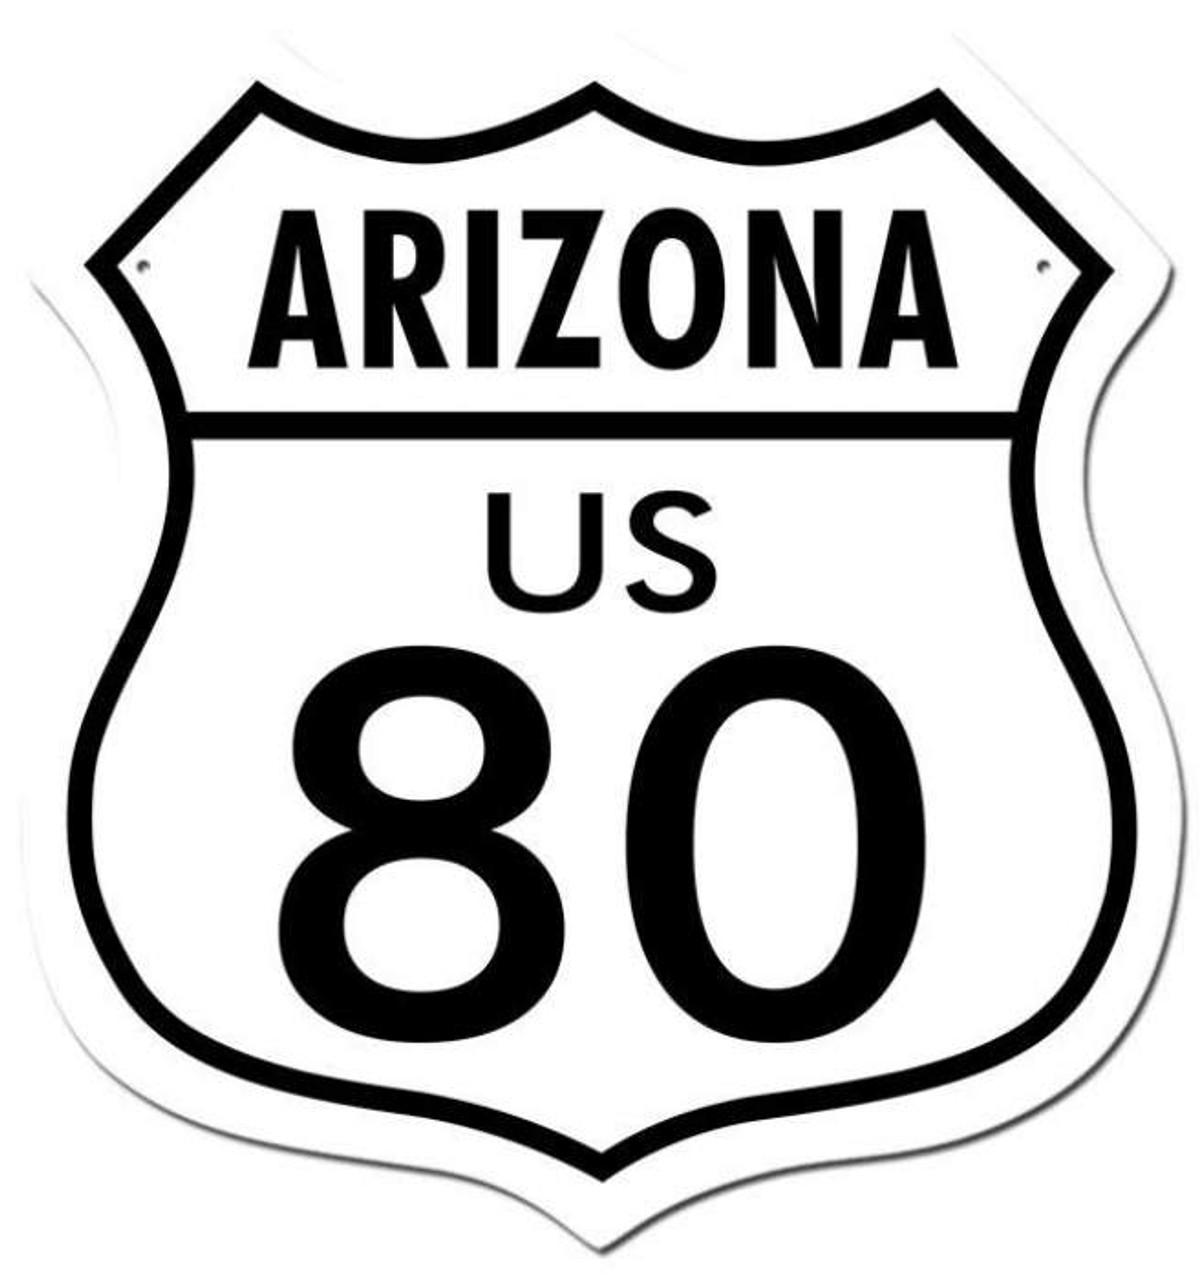 Retro Route 80 Arizona Shield Metal Sign 15 x 15 Inches